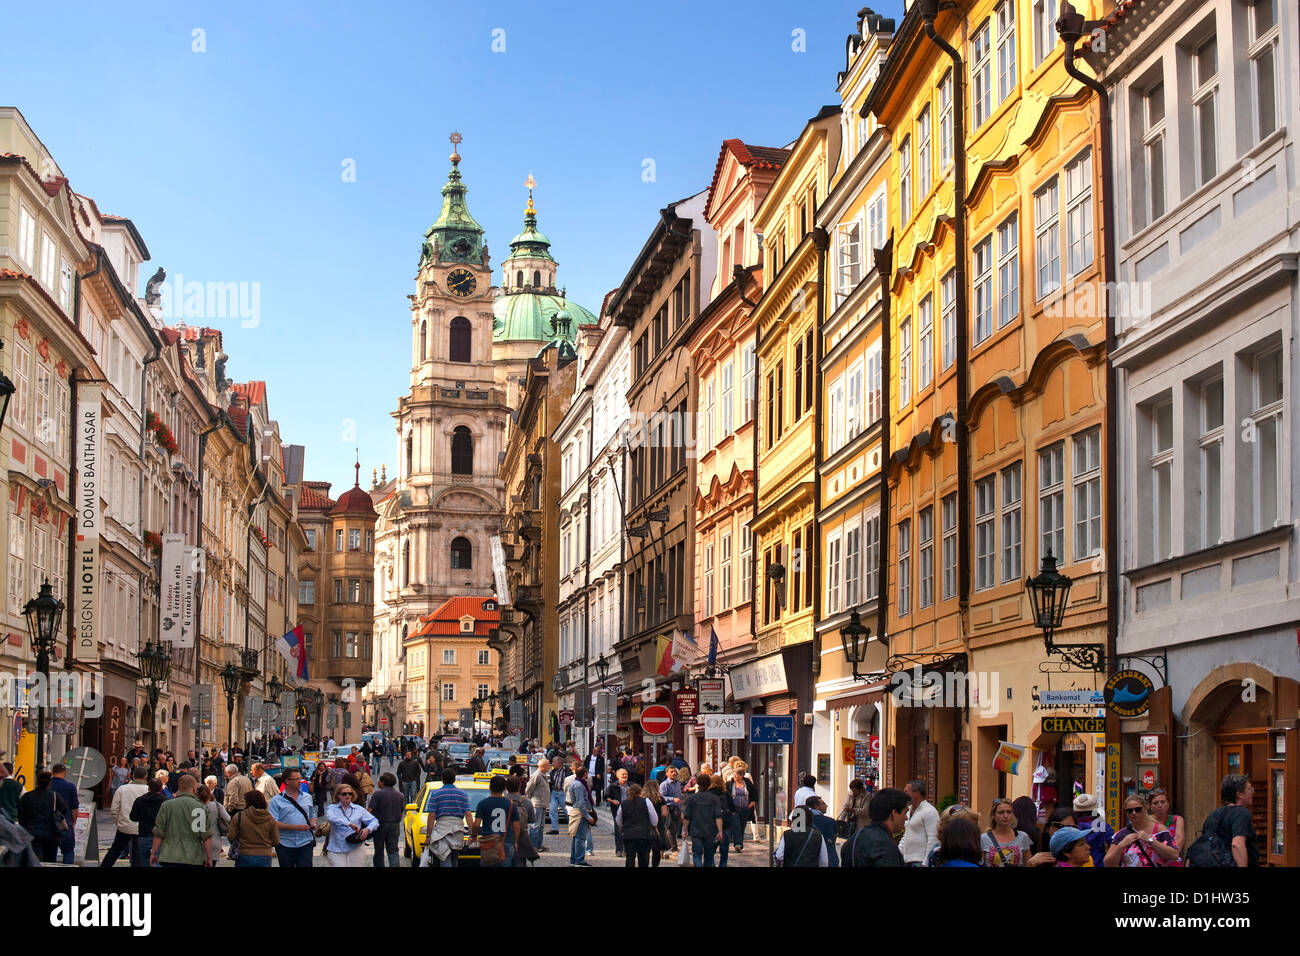 La rue Mostecka à Prague, la capitale de la République tchèque. Photo Stock